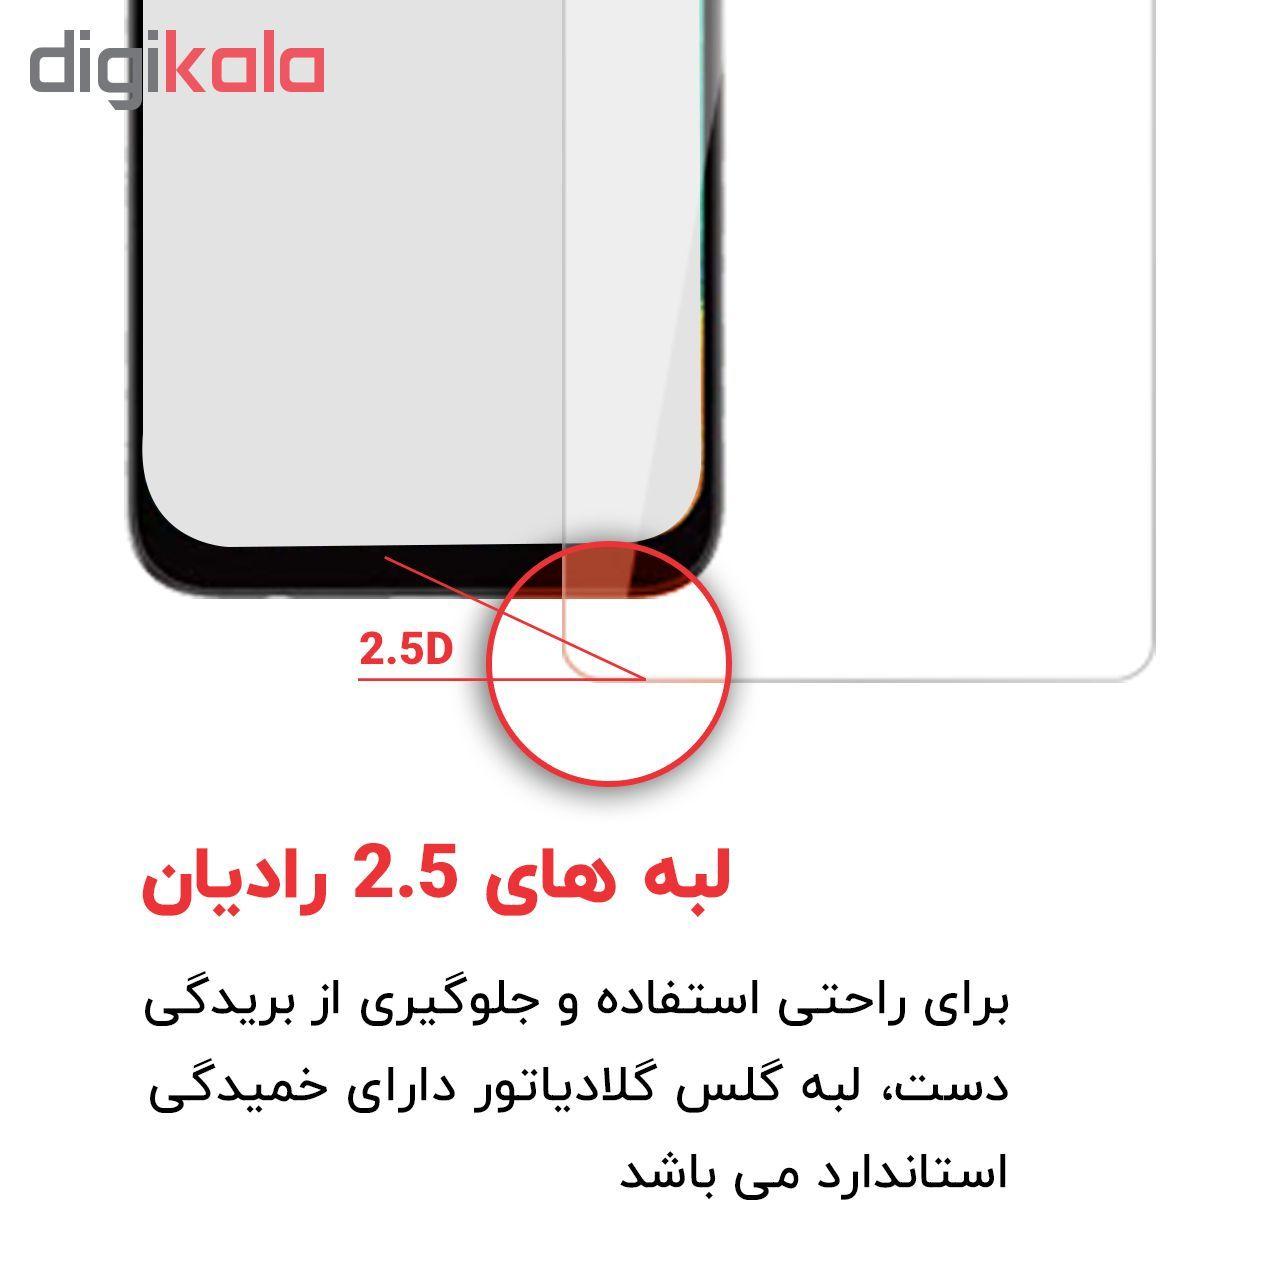 محافظ صفحه نمایش گلادیاتور مدل GPH1000 مناسب برای گوشی موبایل هوآوی P Smart 2019 main 1 6